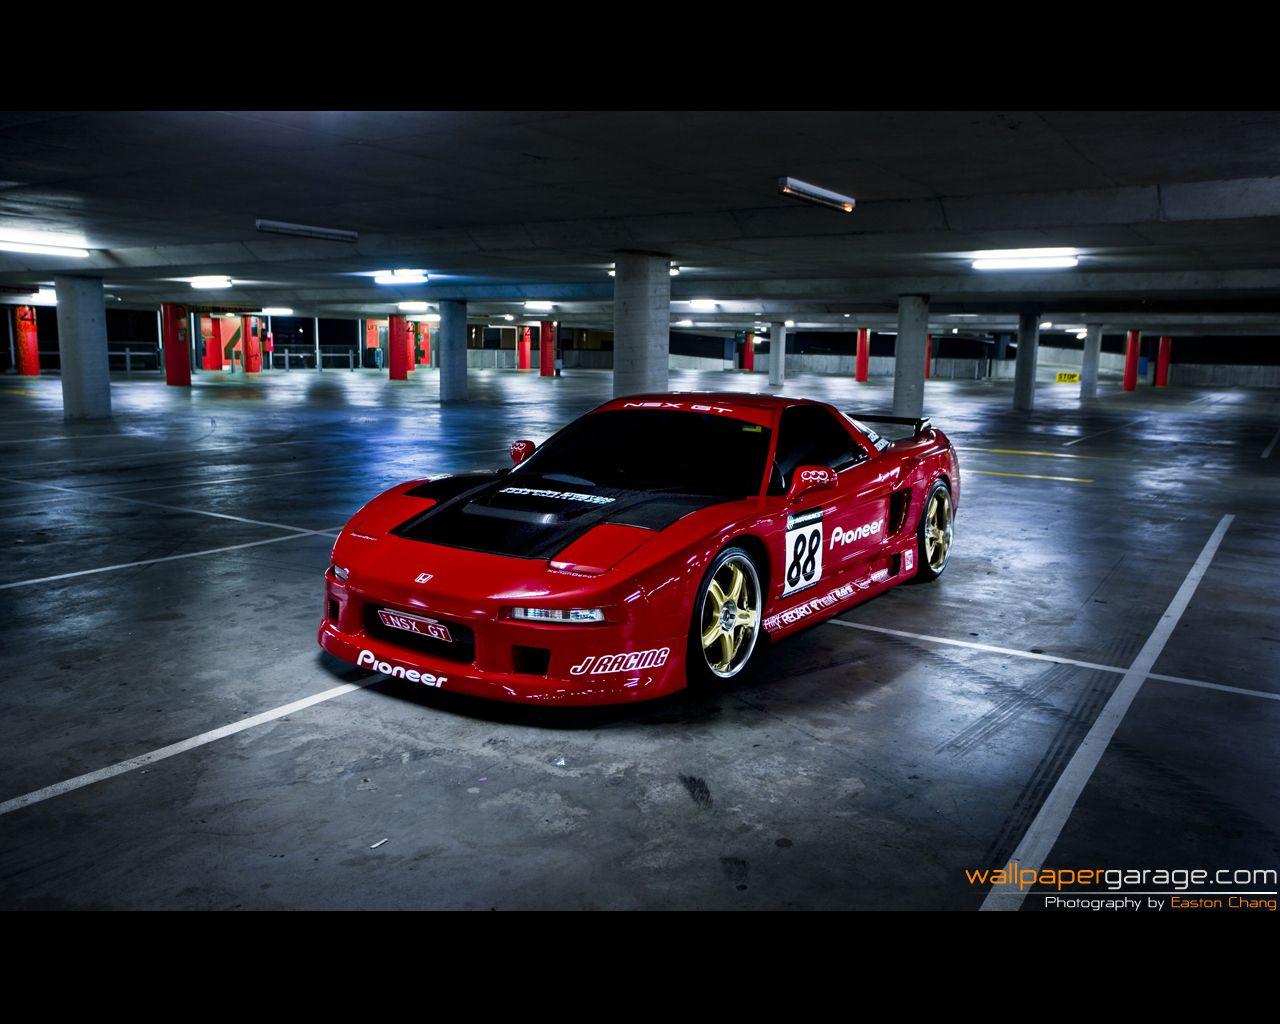 Honda NSX JDM Japanese domestic market Japanese cars